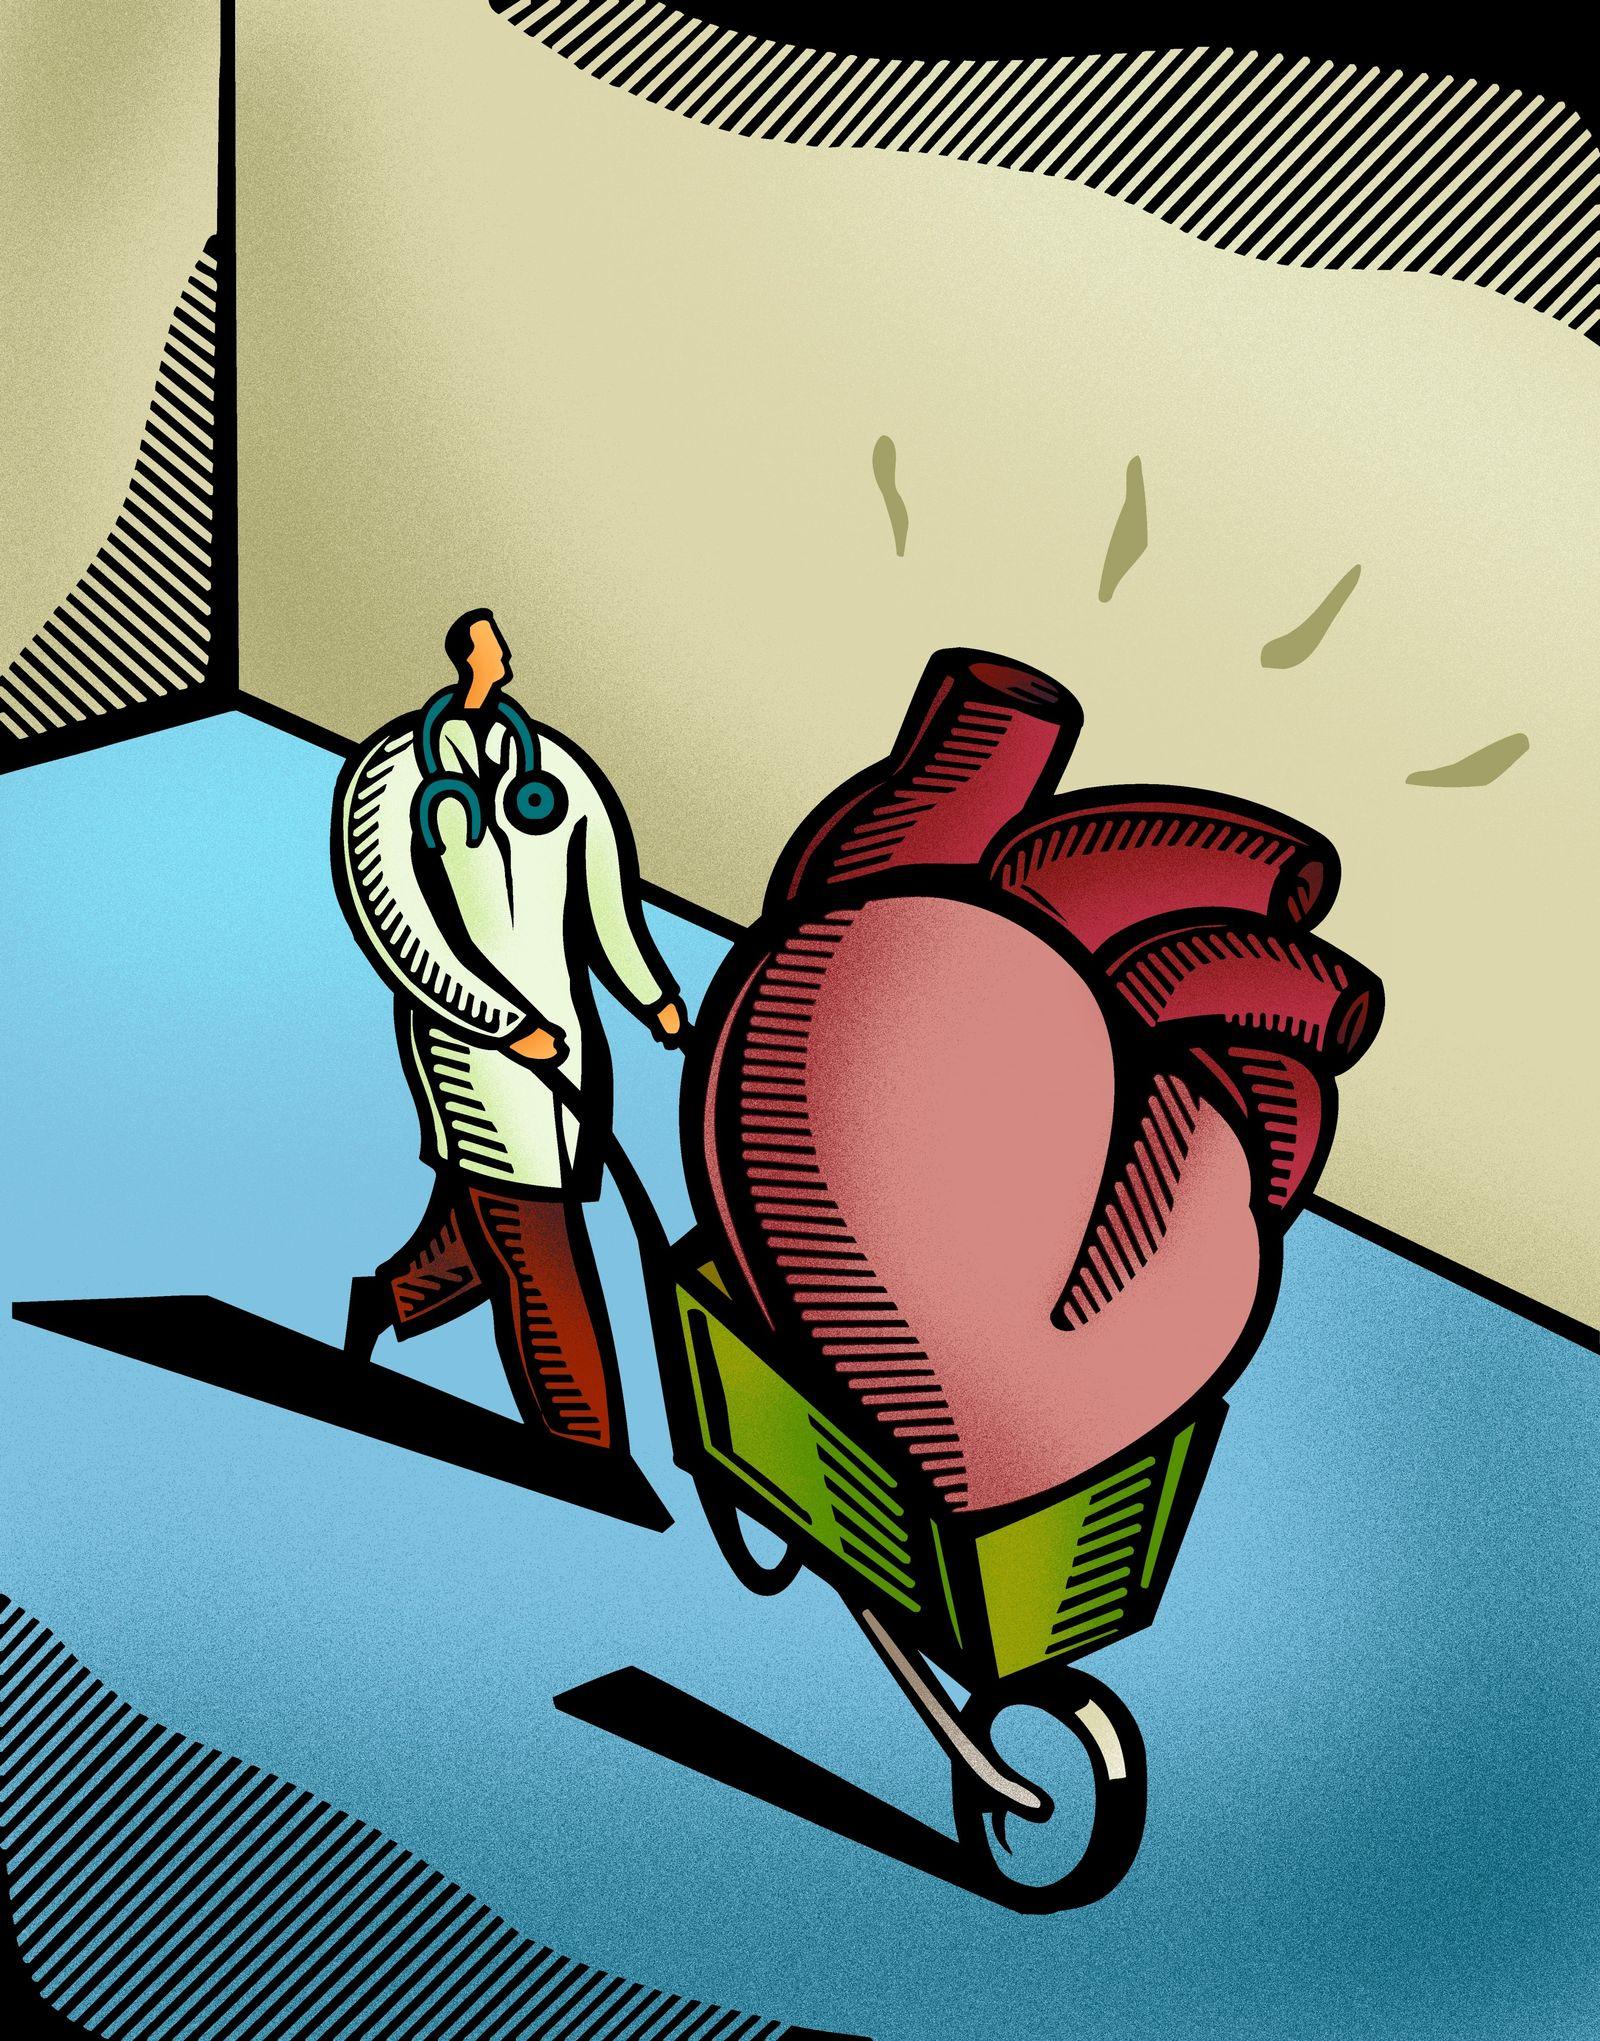 NICHT MEHR VERWENDEN! - Organspende / Organ / Organtransplantation